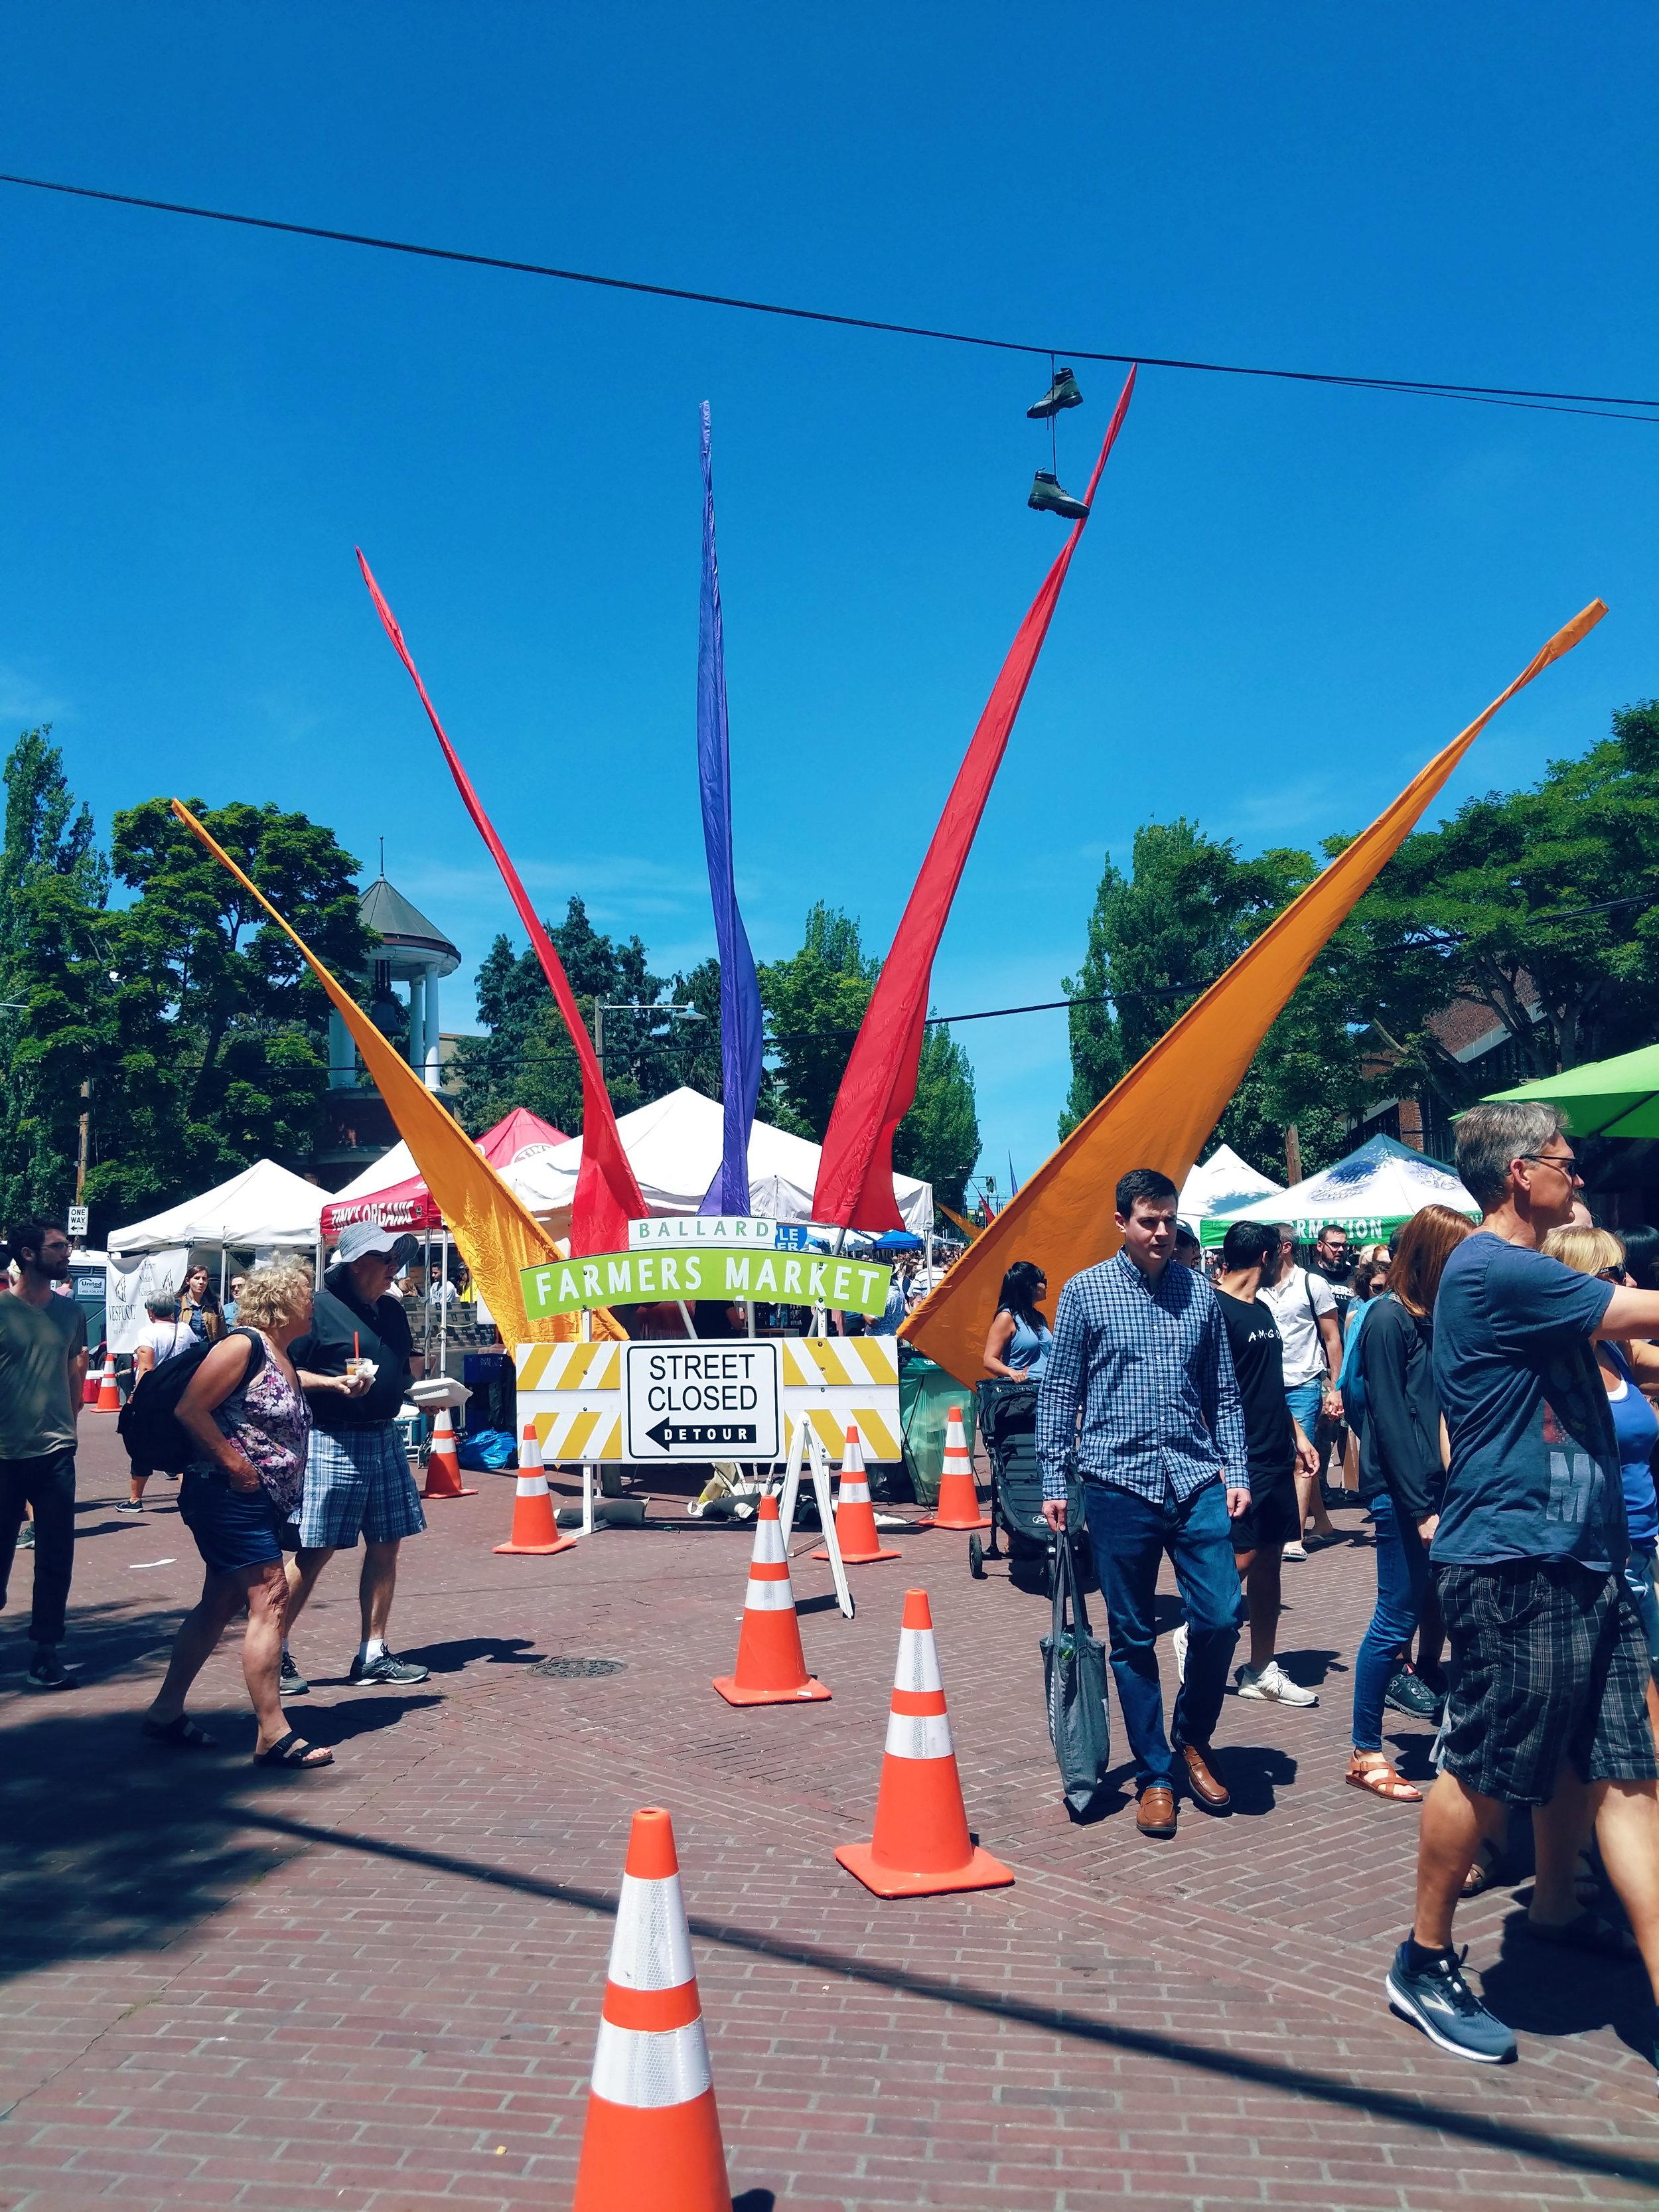 Seattle Must Stop: Visit the Ballard Farmers Market Front of market